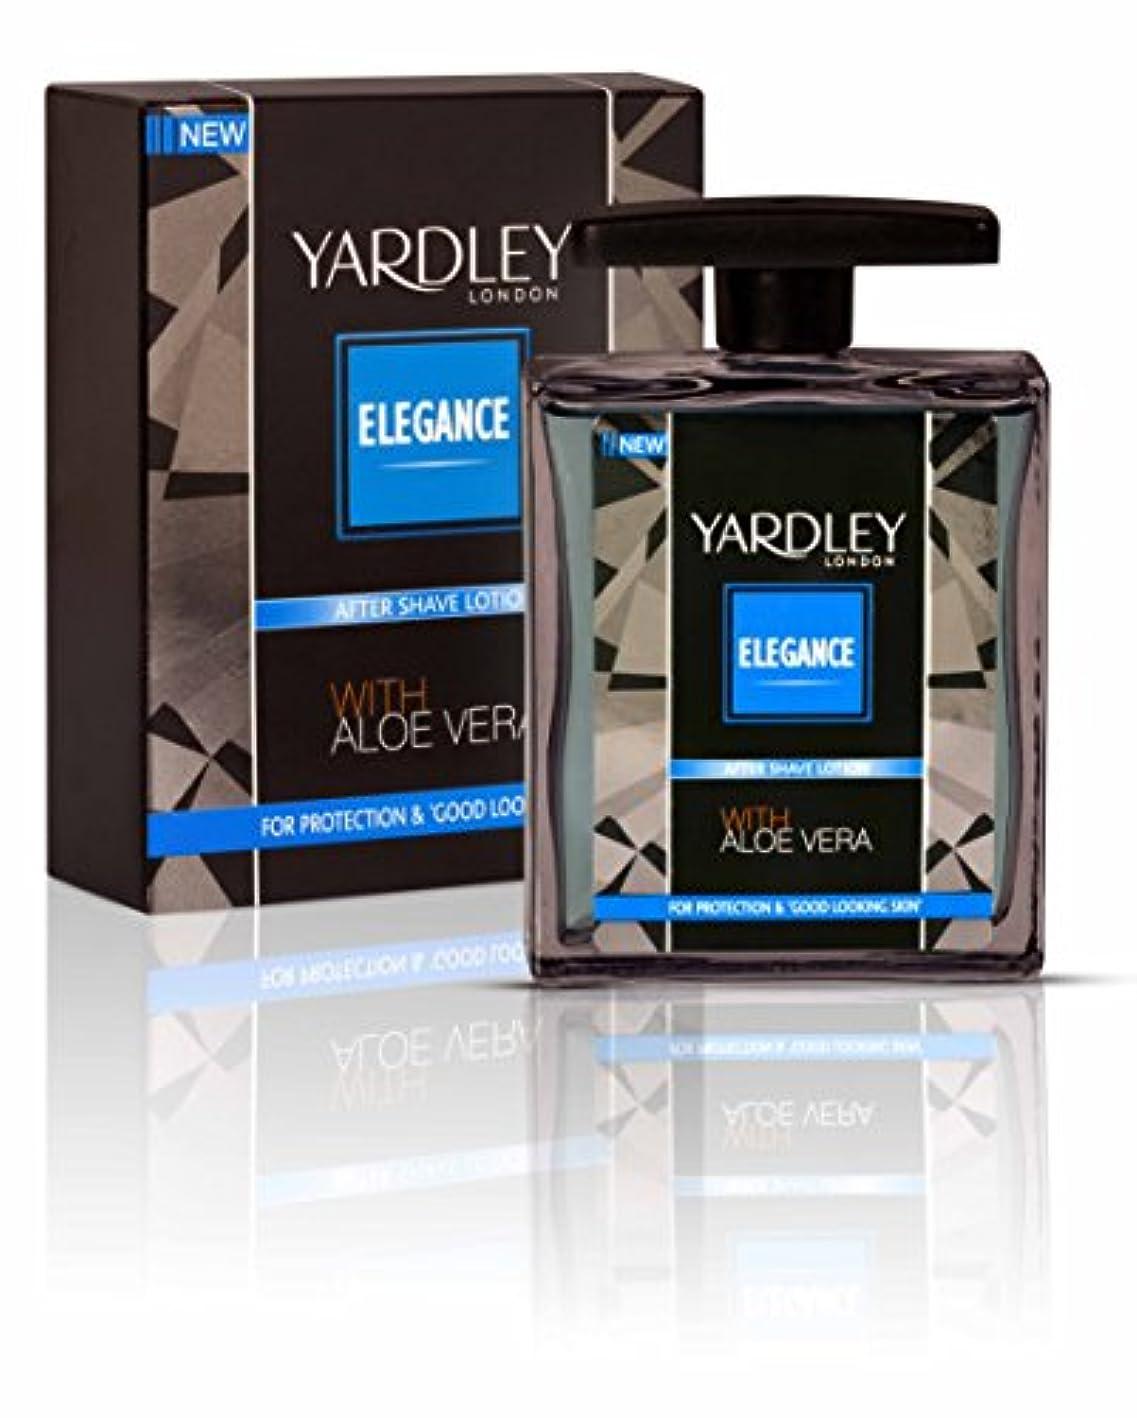 もっともらしい建築家編集者Yardley London Elegance After Shave Lotion With Aloe Vera 50ml